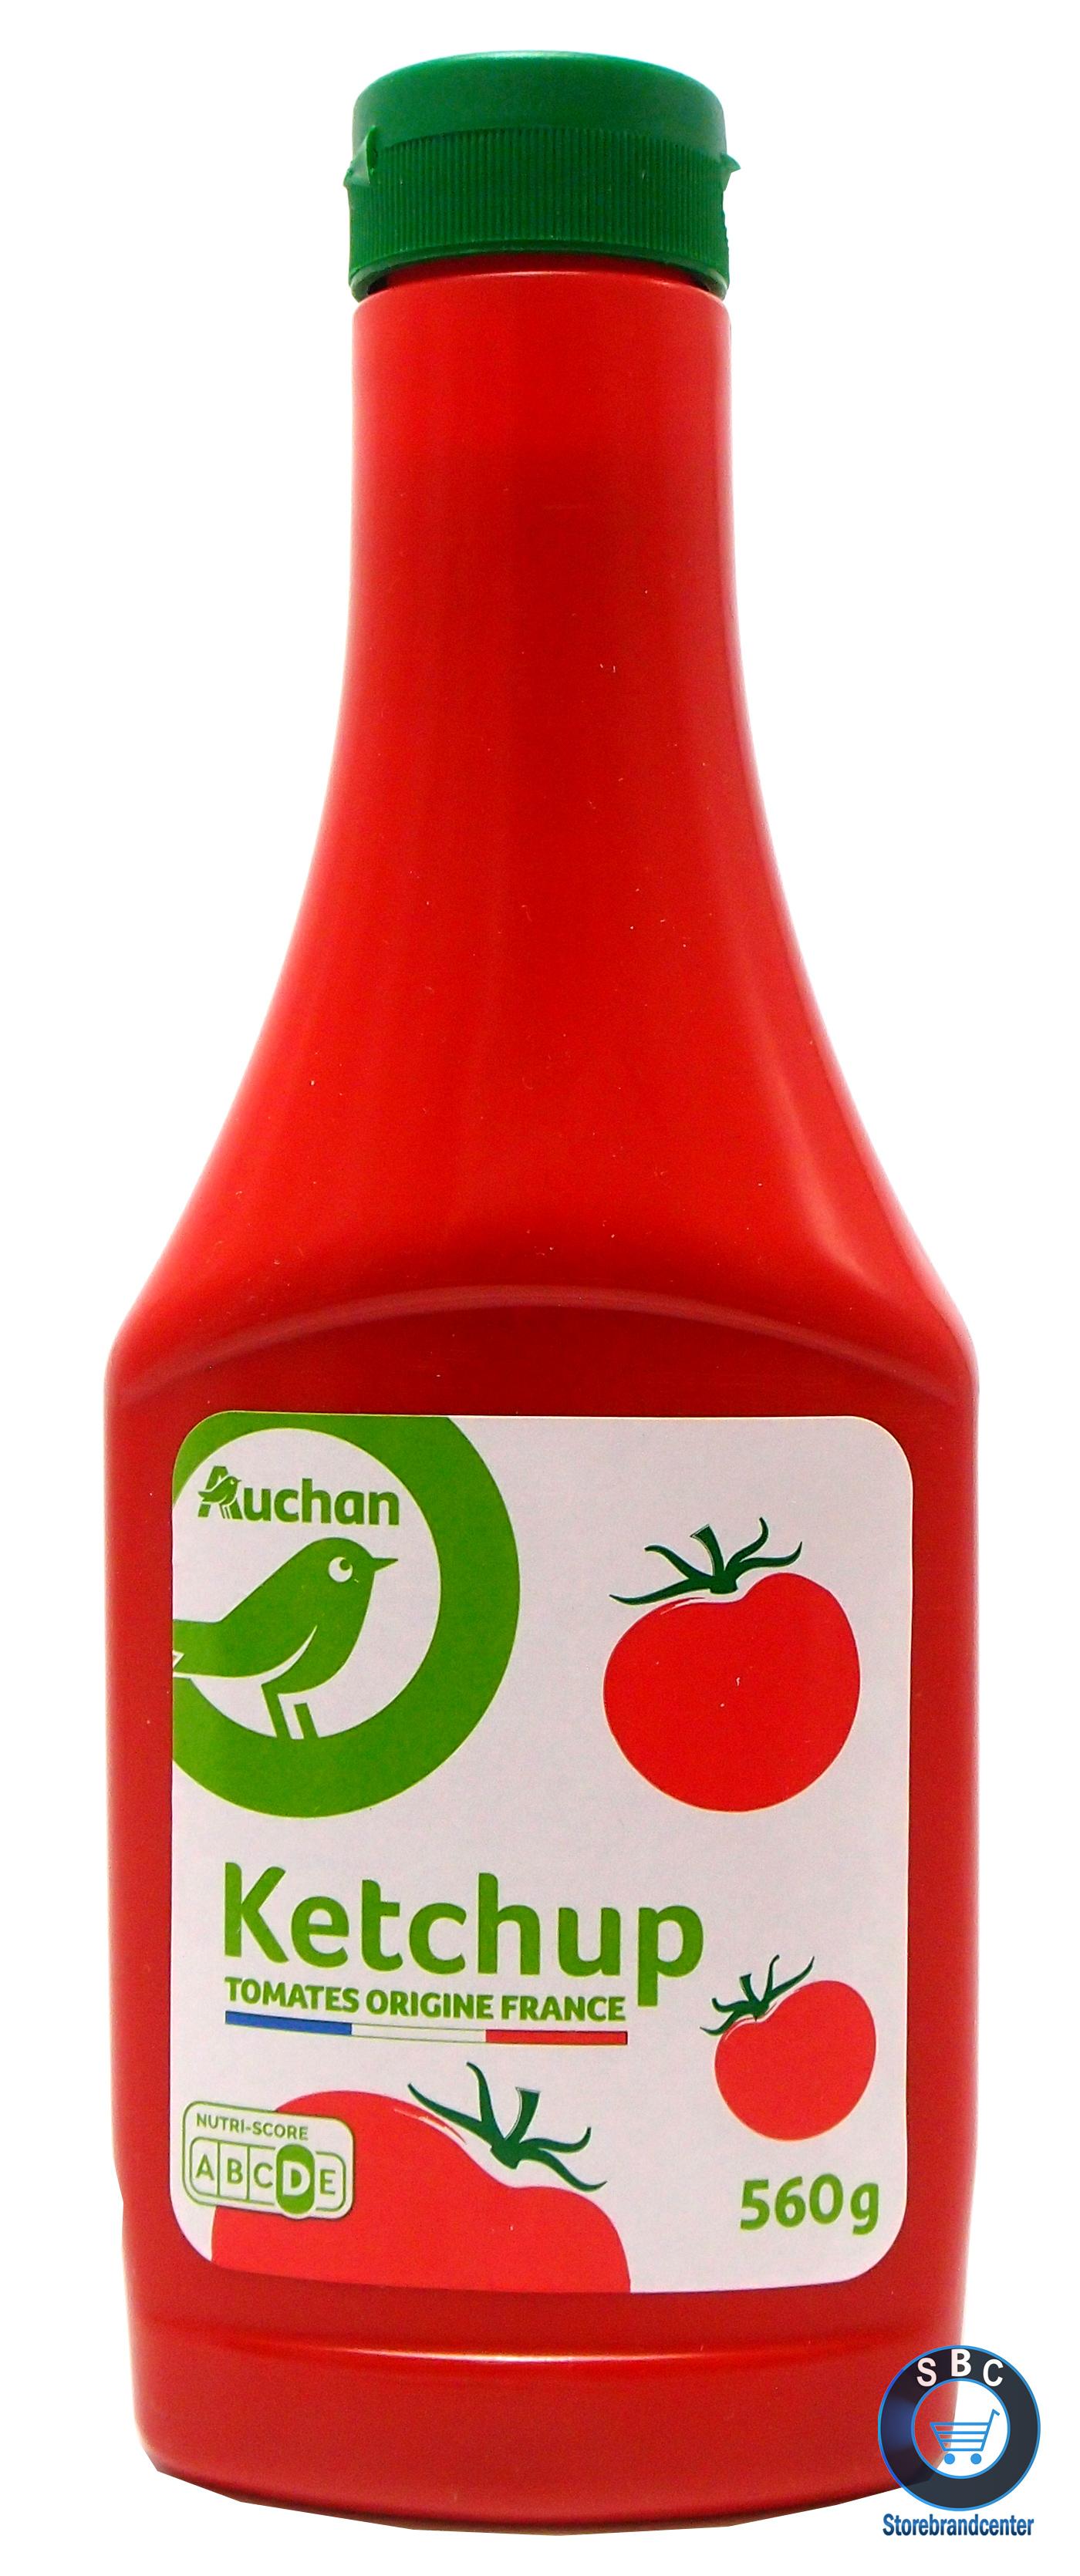 Nouvelle charte Auchan MDD marque de distributeur